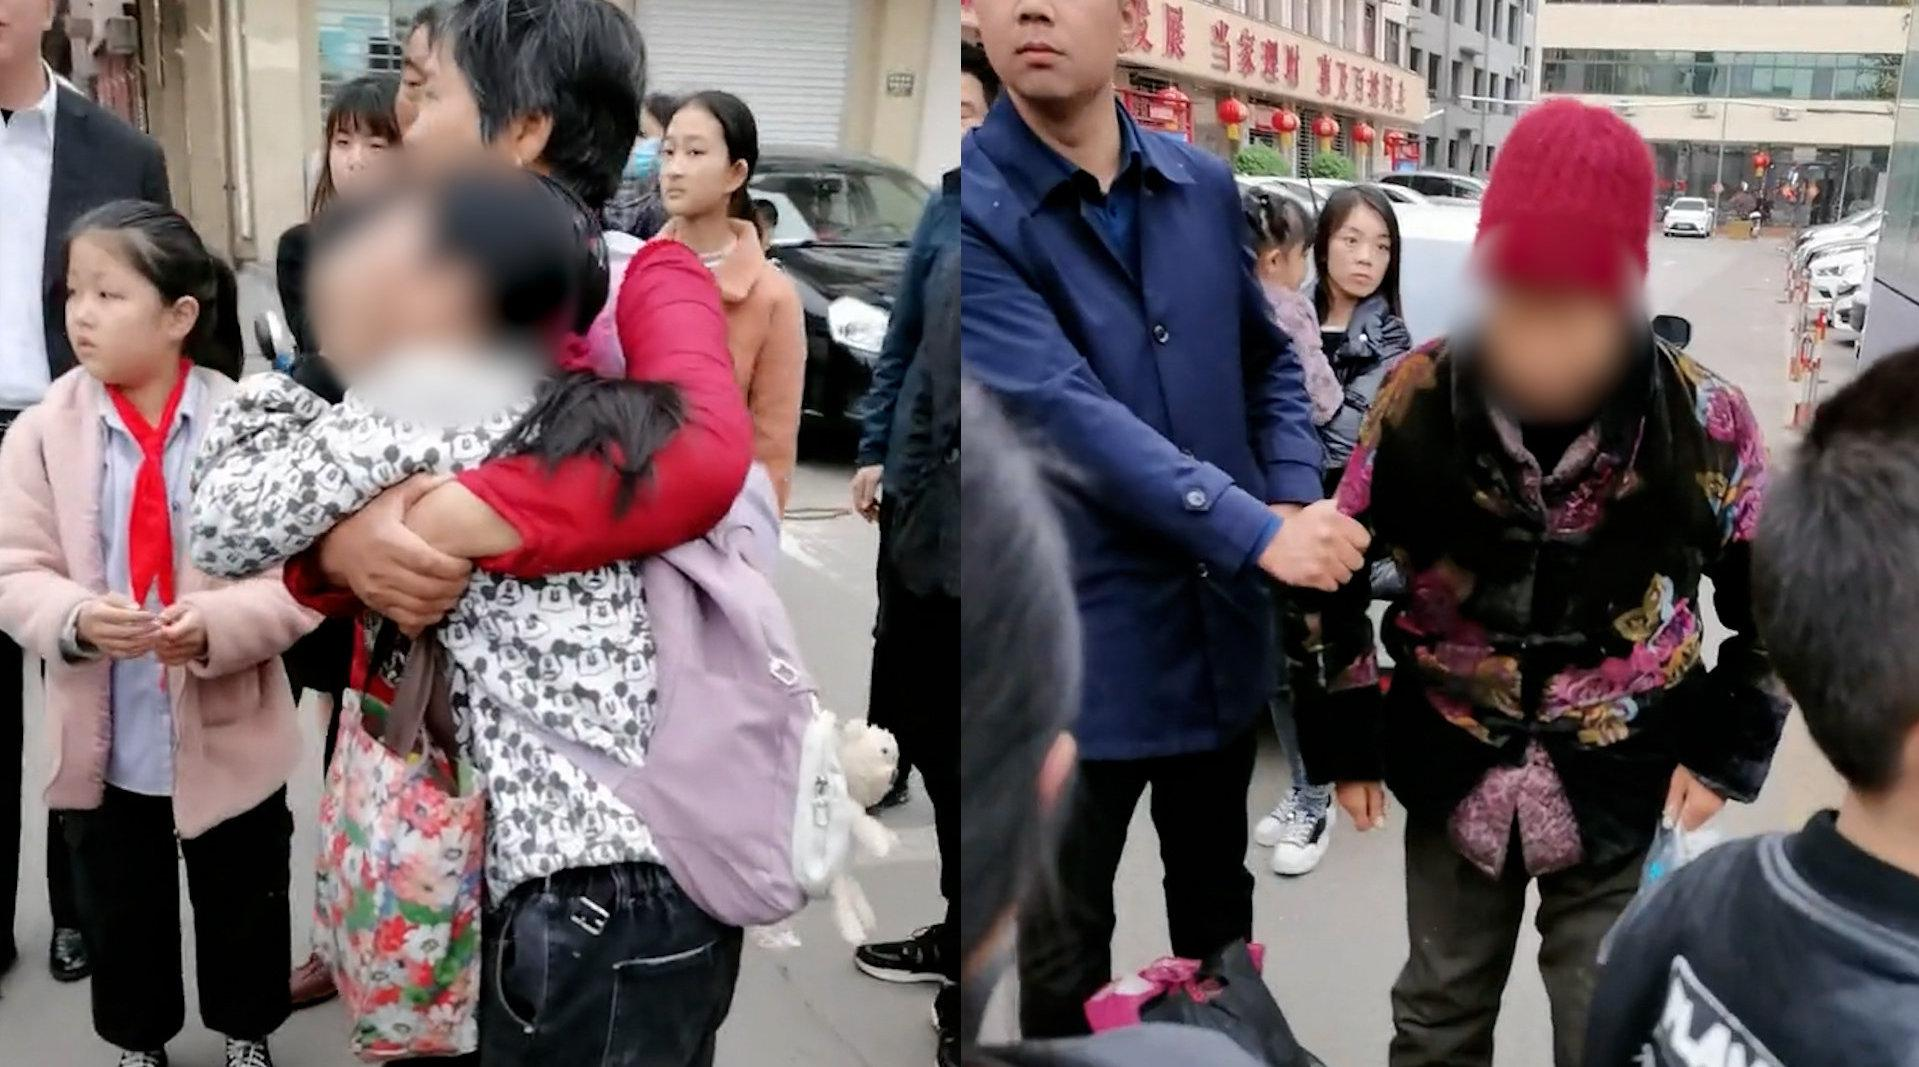 河南一小学生眼睛被老妇扎出血 校方:警方已介入